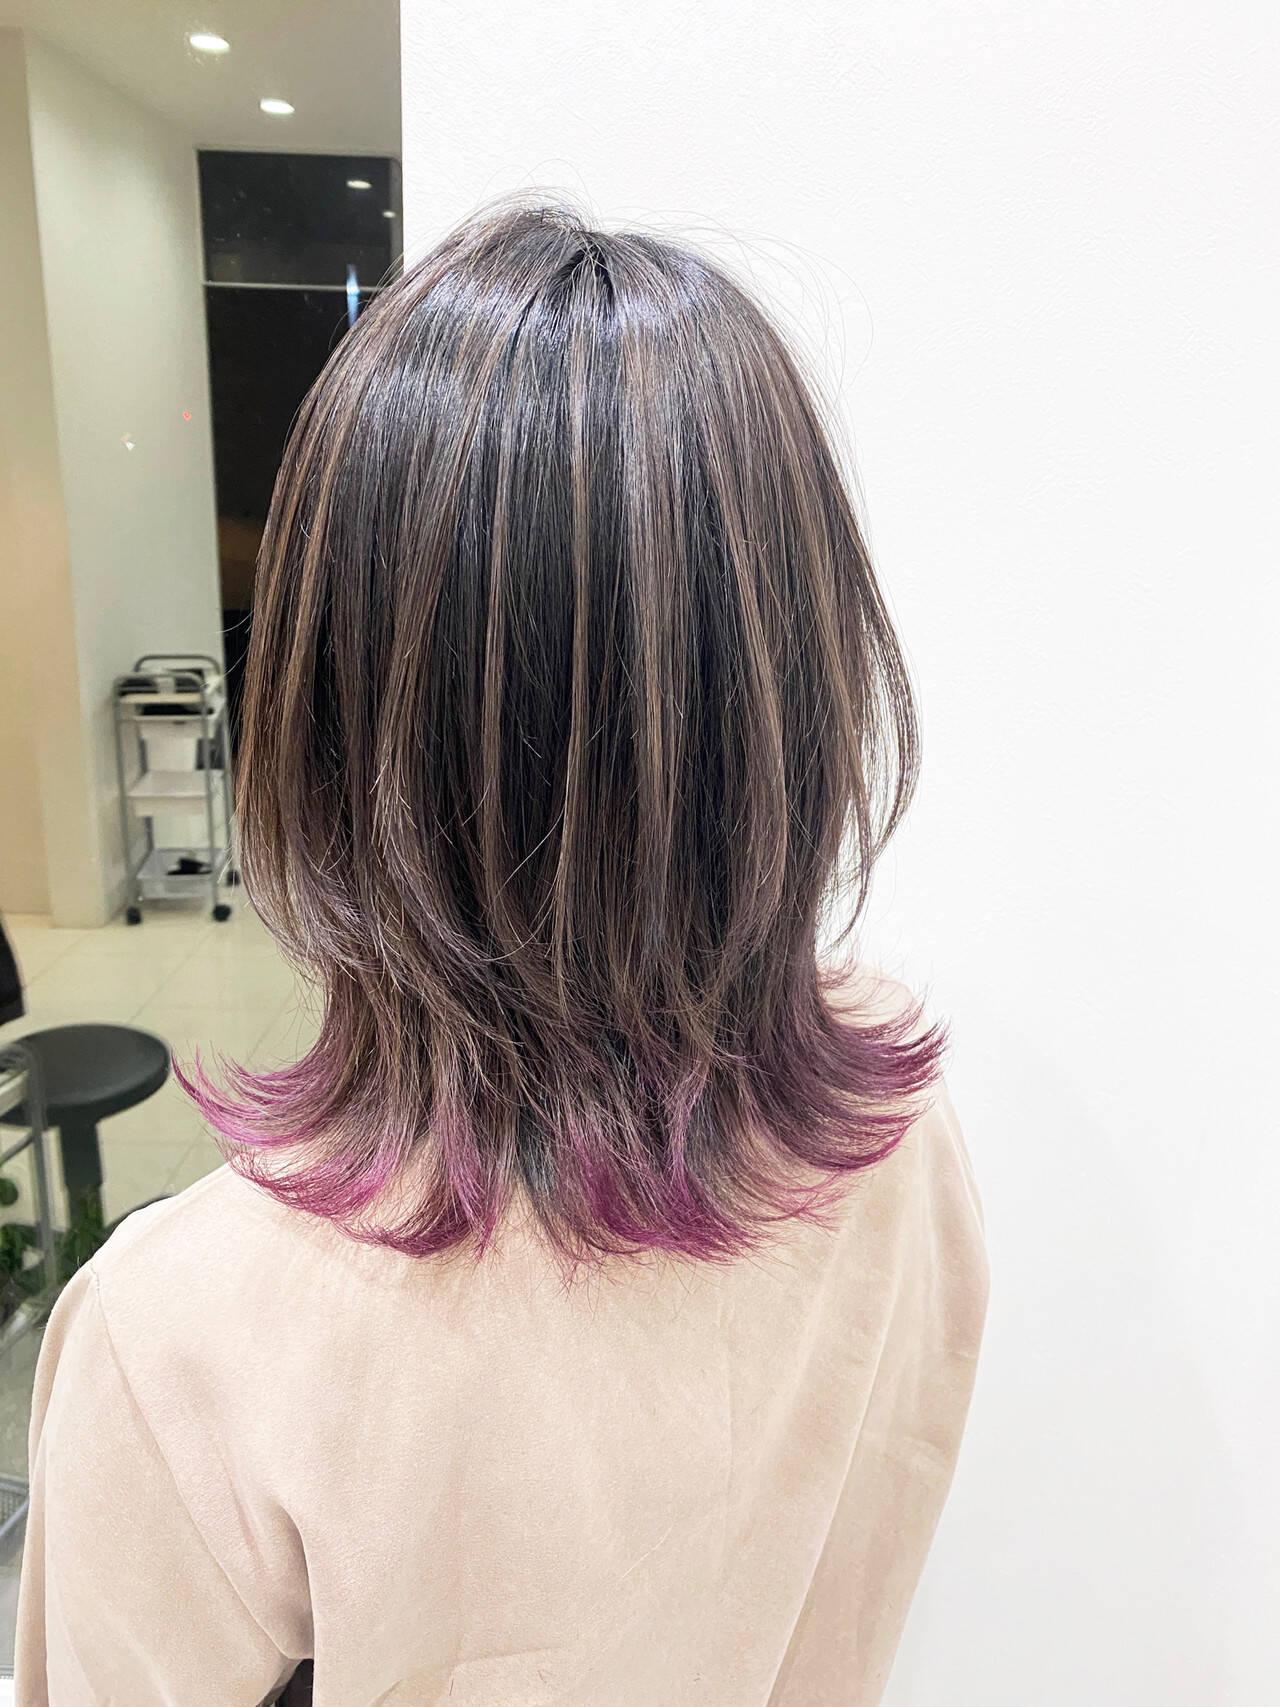 ストリート ミディアム ウルフカット バレイヤージュヘアスタイルや髪型の写真・画像